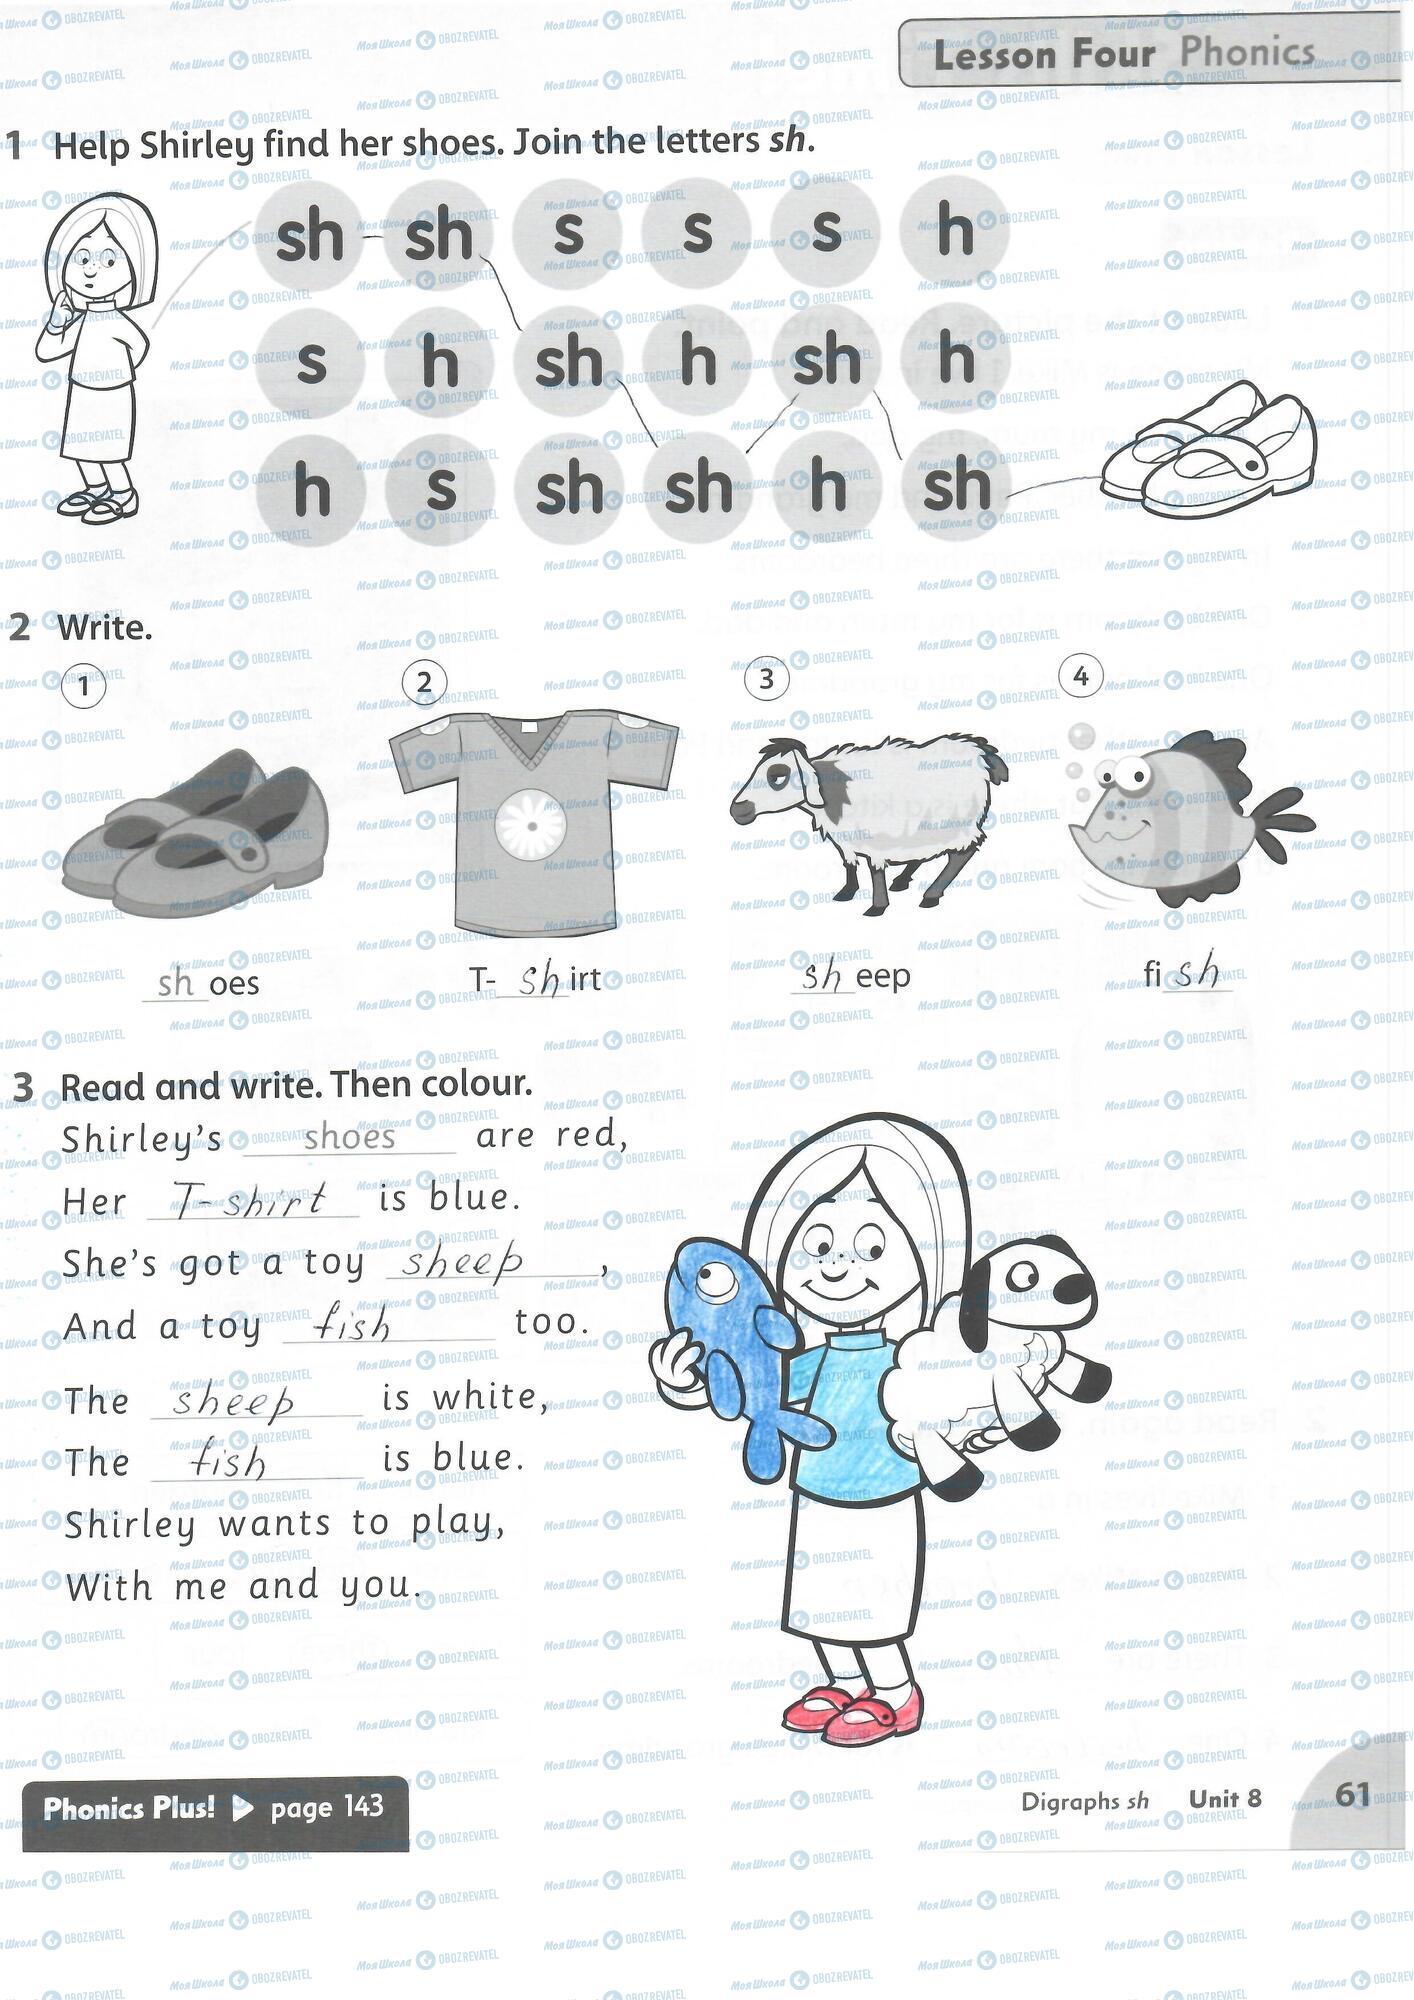 ГДЗ Англійська мова 1 клас сторінка 61